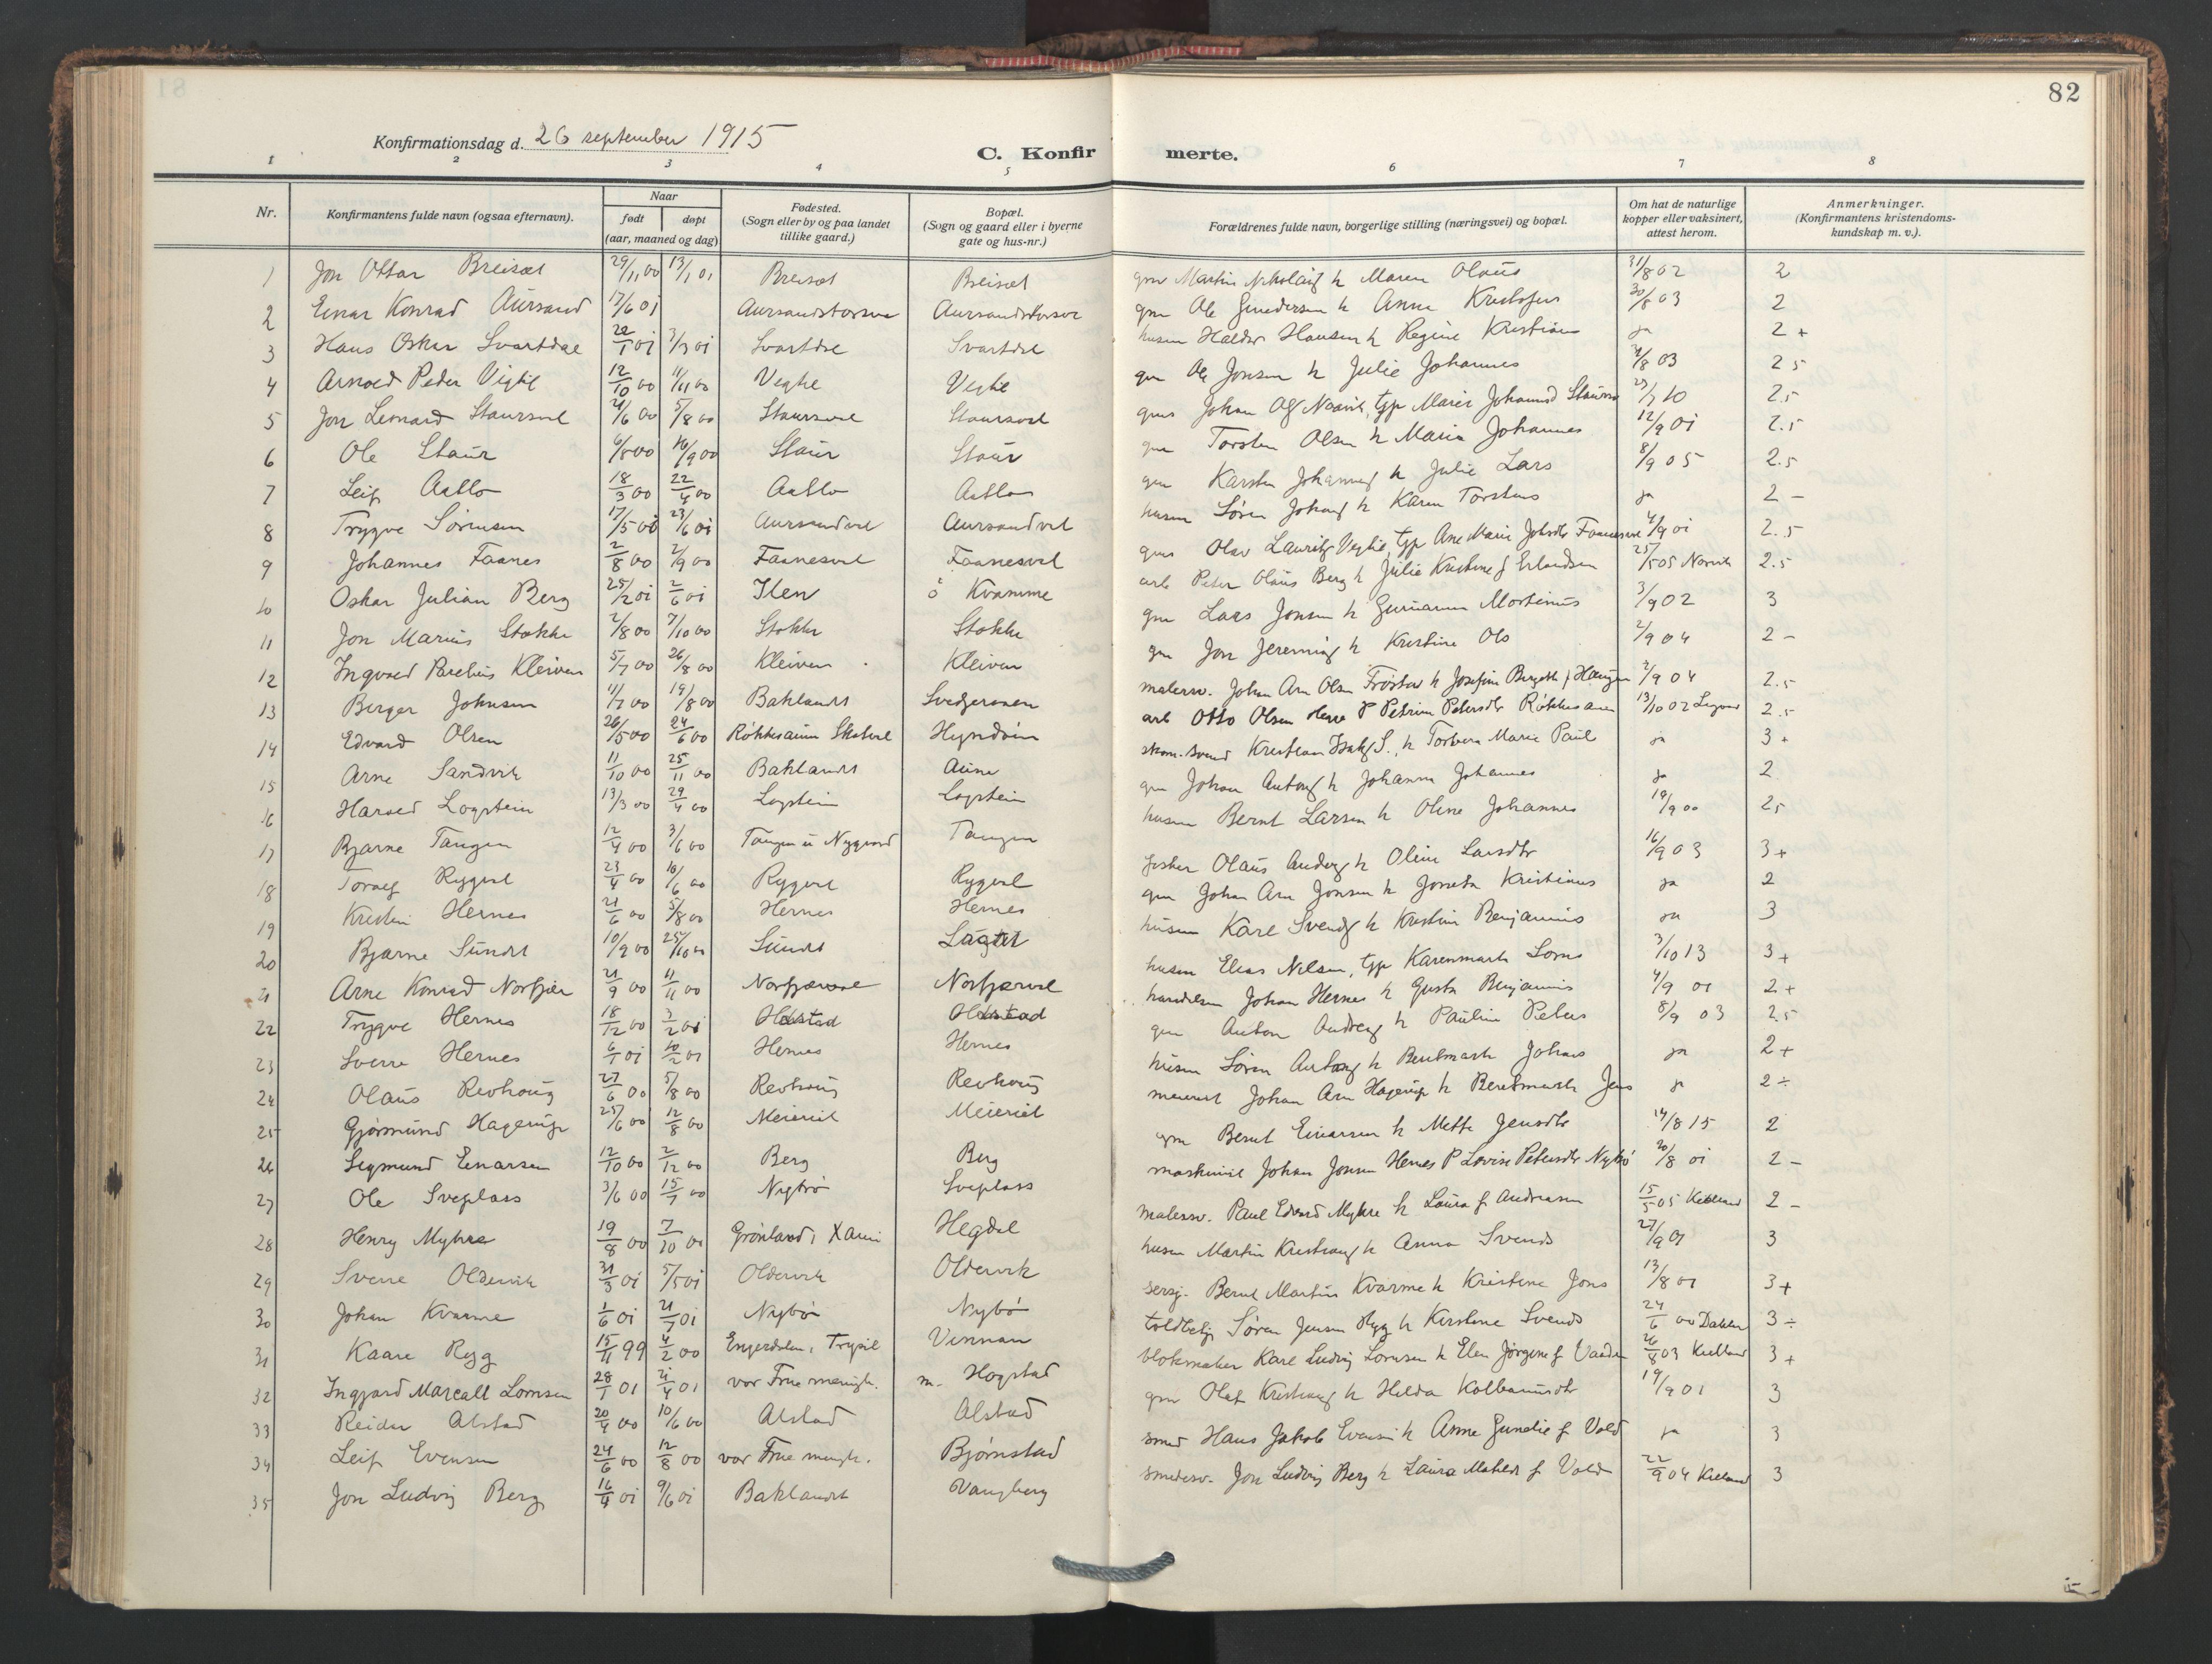 SAT, Ministerialprotokoller, klokkerbøker og fødselsregistre - Nord-Trøndelag, 713/L0123: Ministerialbok nr. 713A12, 1911-1925, s. 82